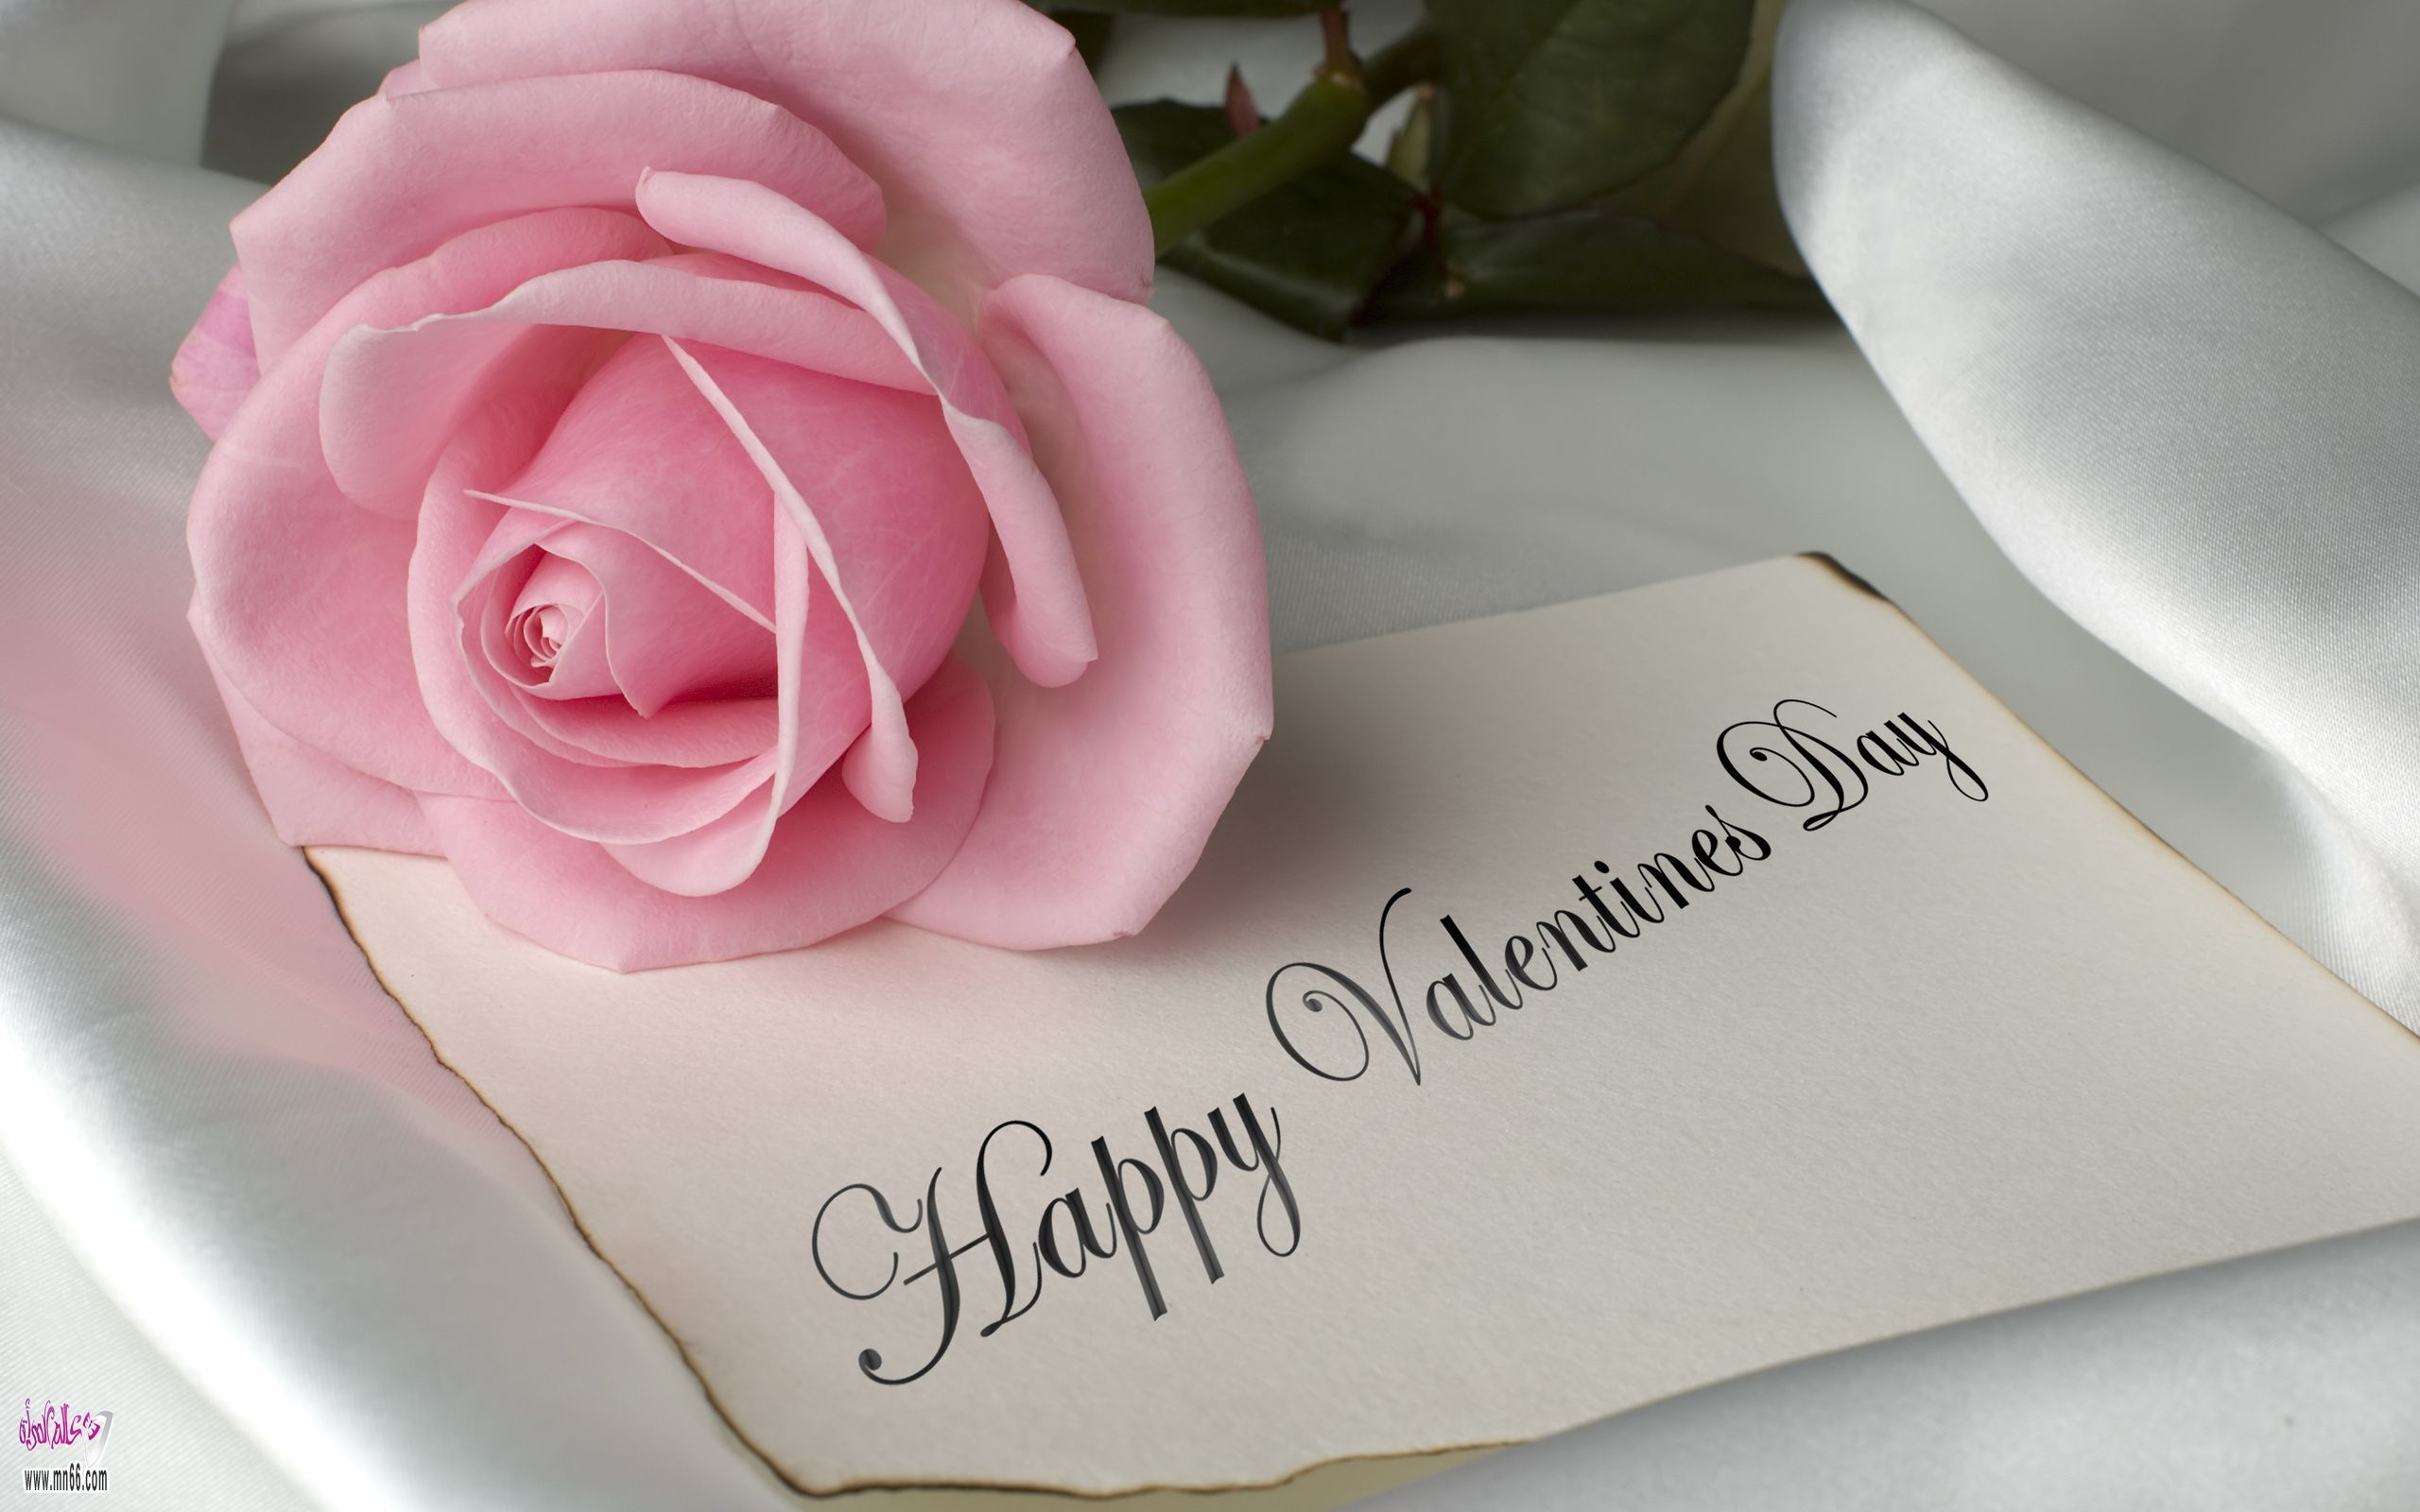 صور حب صور رومانسيه صور عشاق صور قلوب صور احباب صور الفلانتين Happy Valentine Day Quotes Happy Valentines Day Pictures Happy Valentines Day Wishes